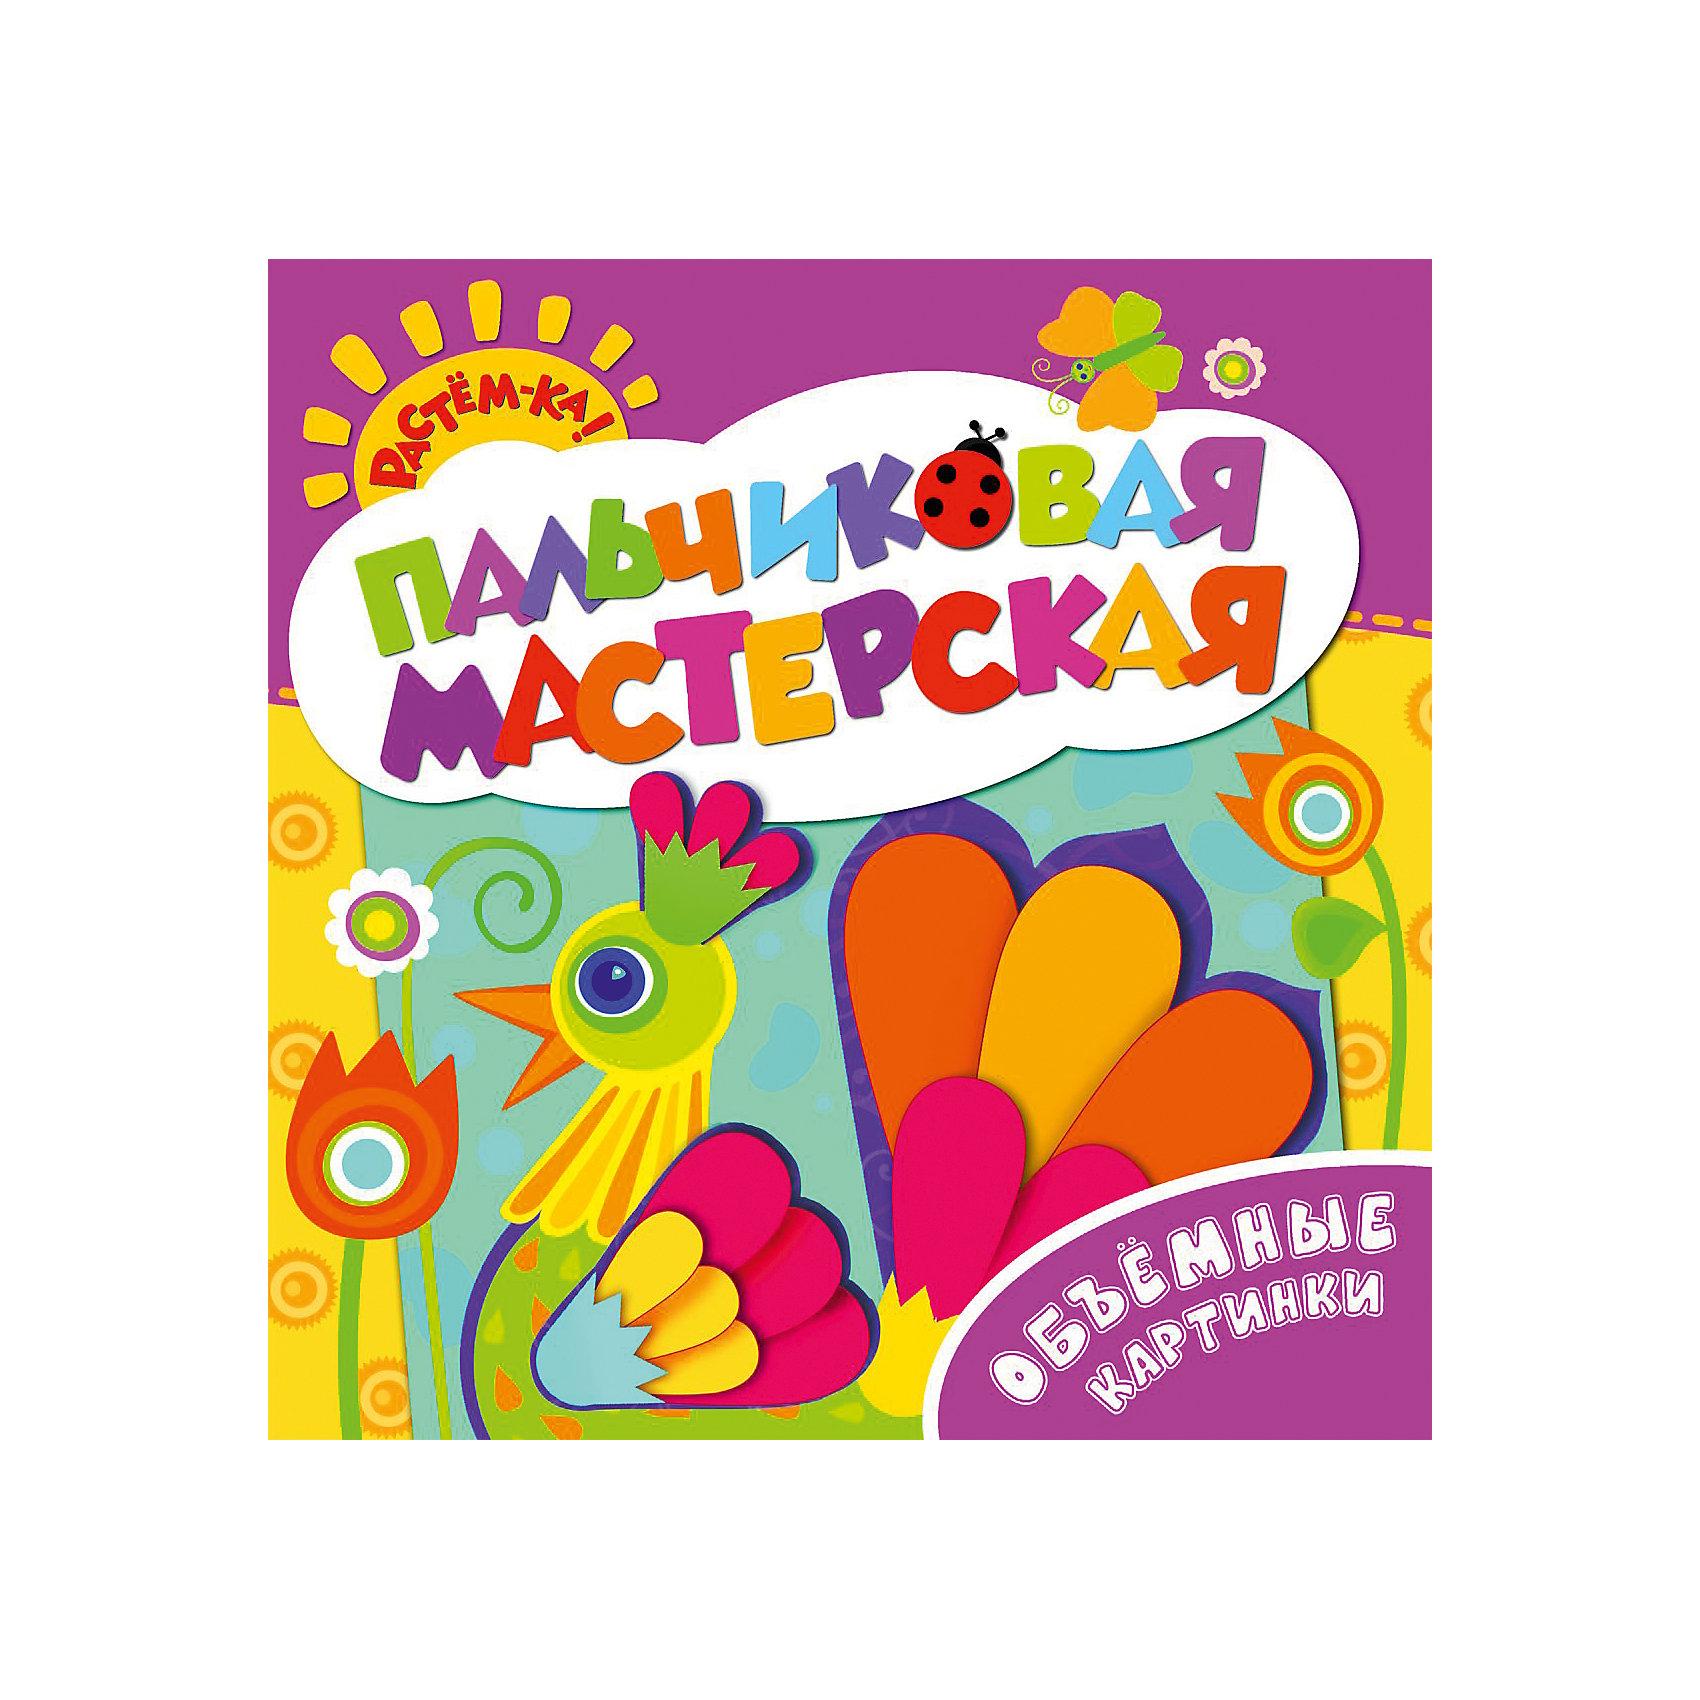 Росмэн Пальчиковая мастерская Объемные картинки мастерская